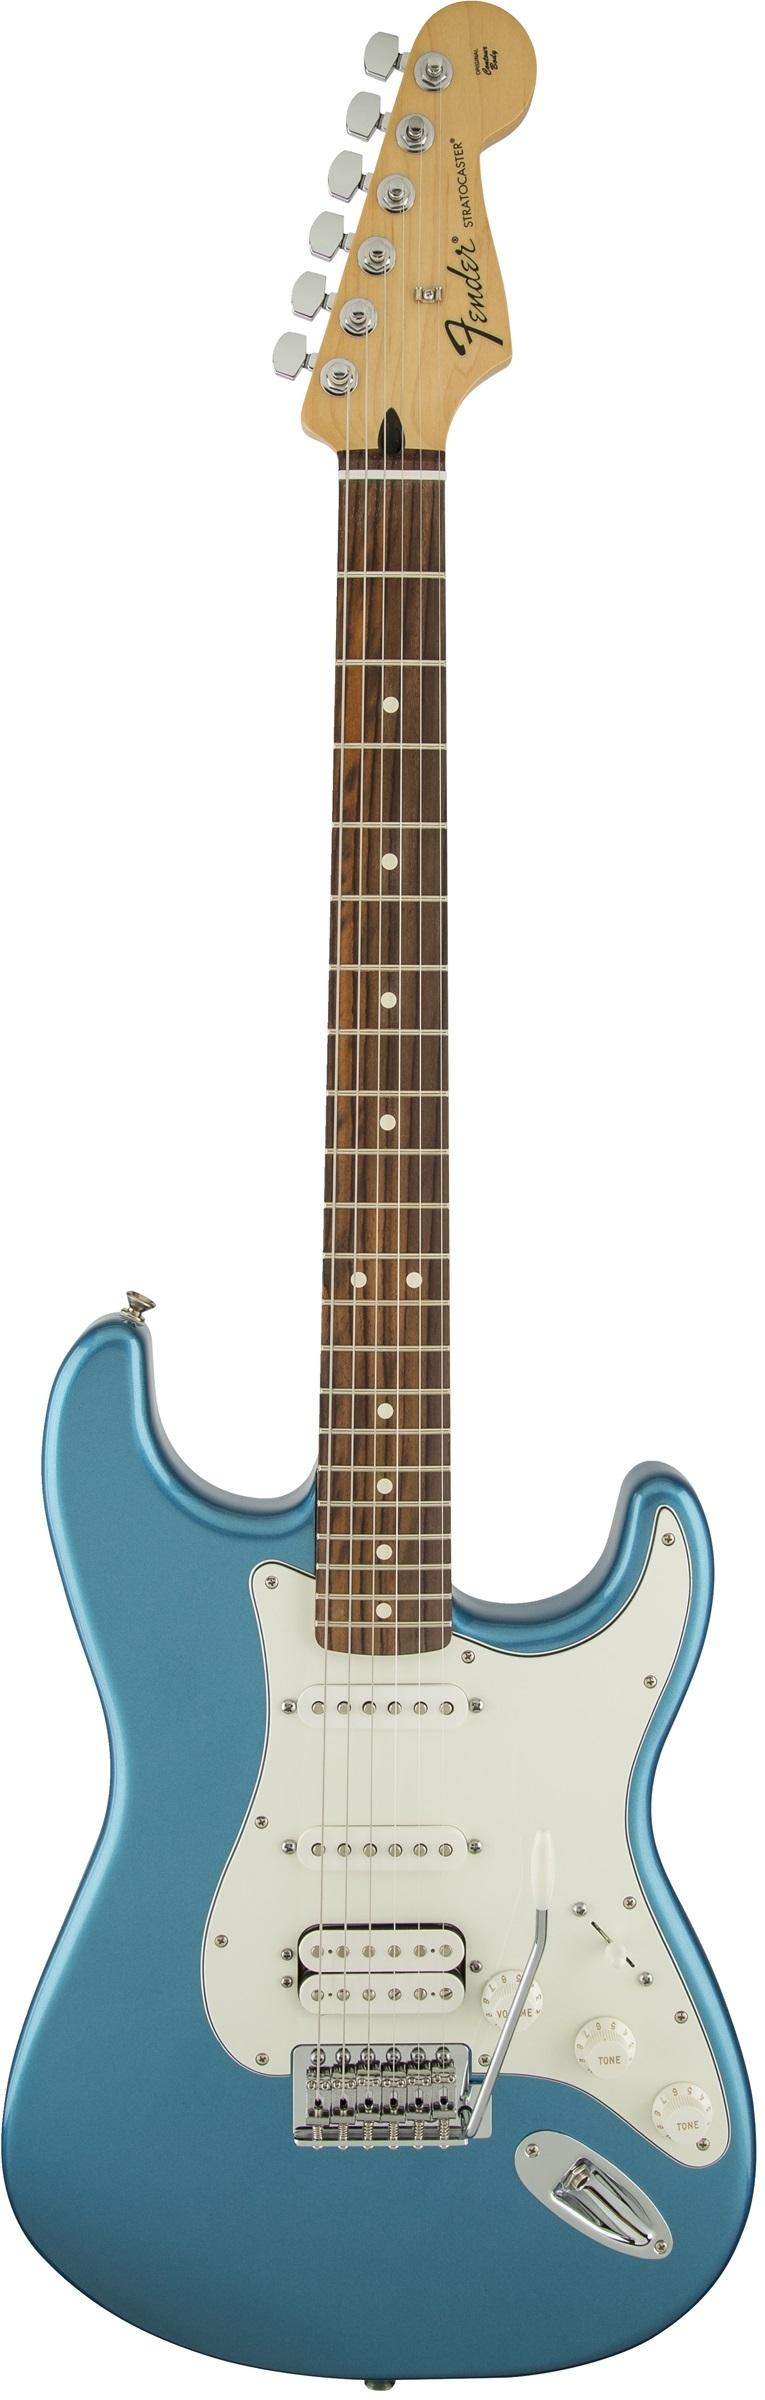 Fender Standard Stratocaster® HSS Lake Placid Blue Rosewood Fingerboard Electric Guitar